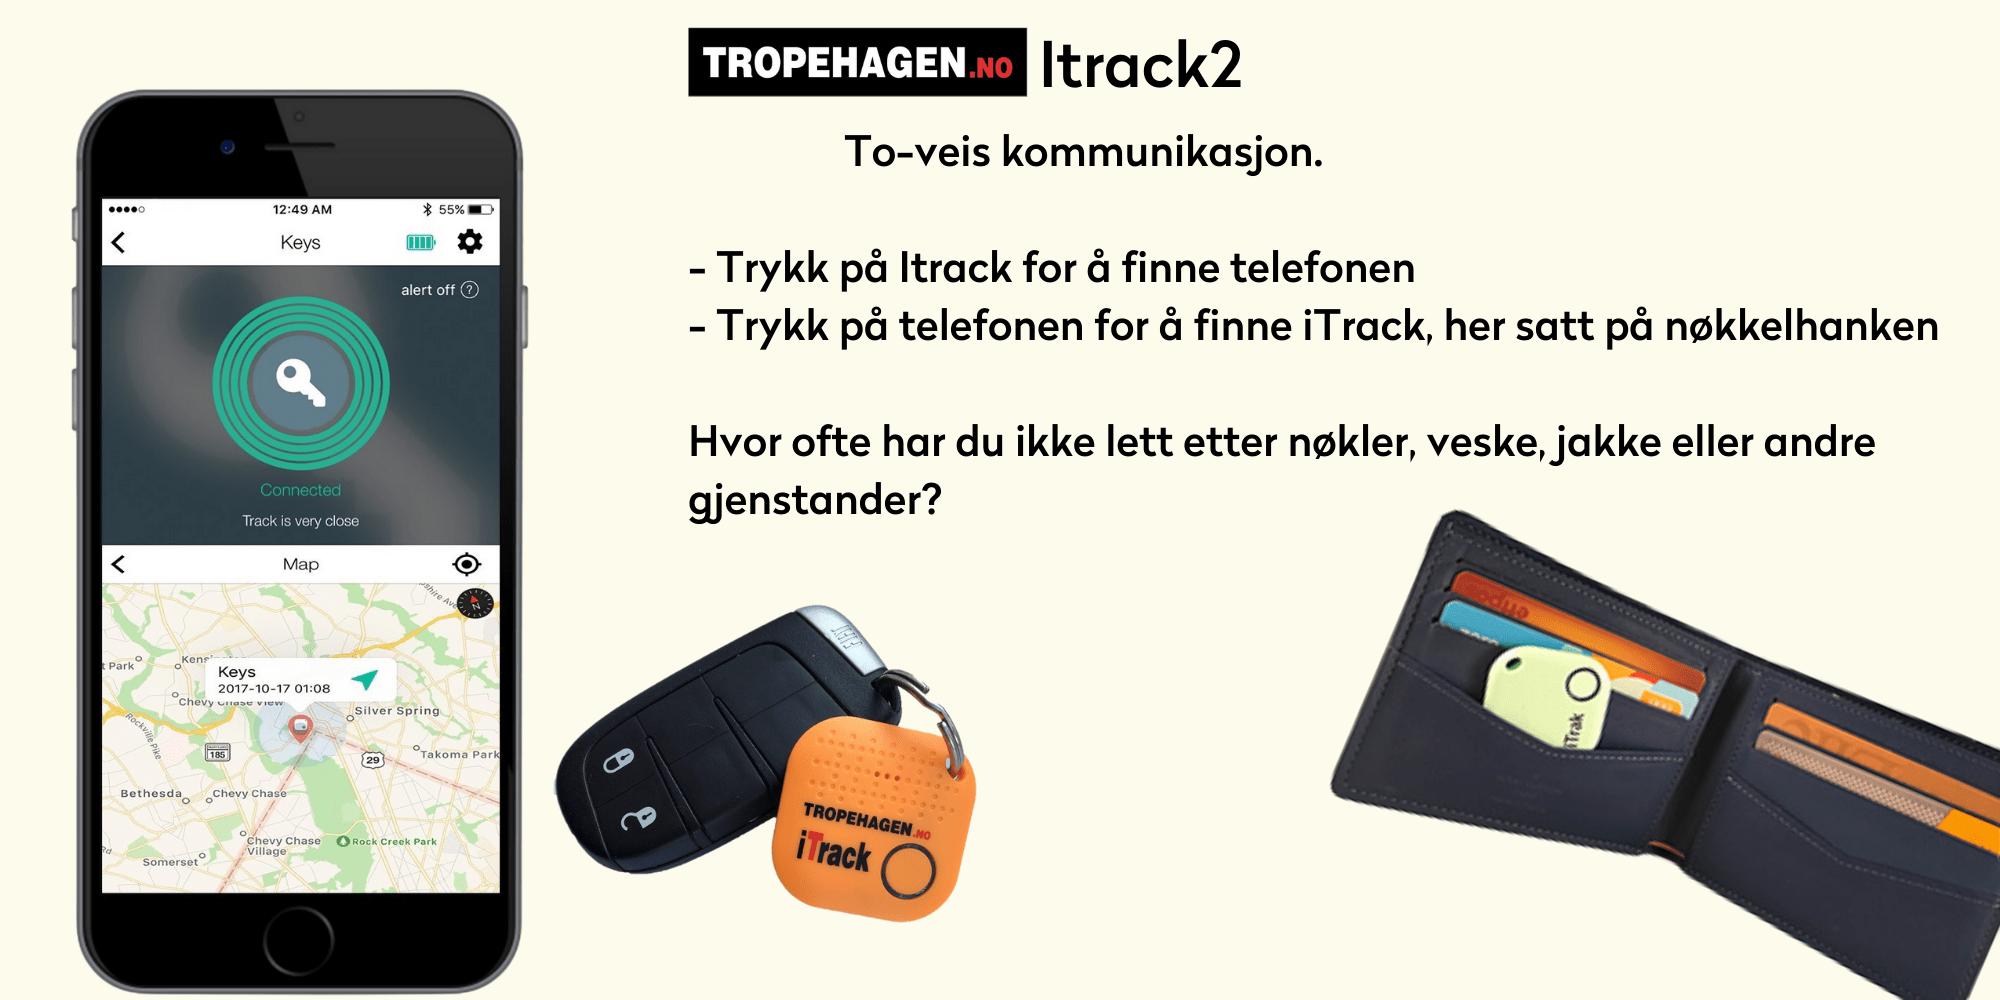 Itrack2 - Kjøp 3 betal for 2